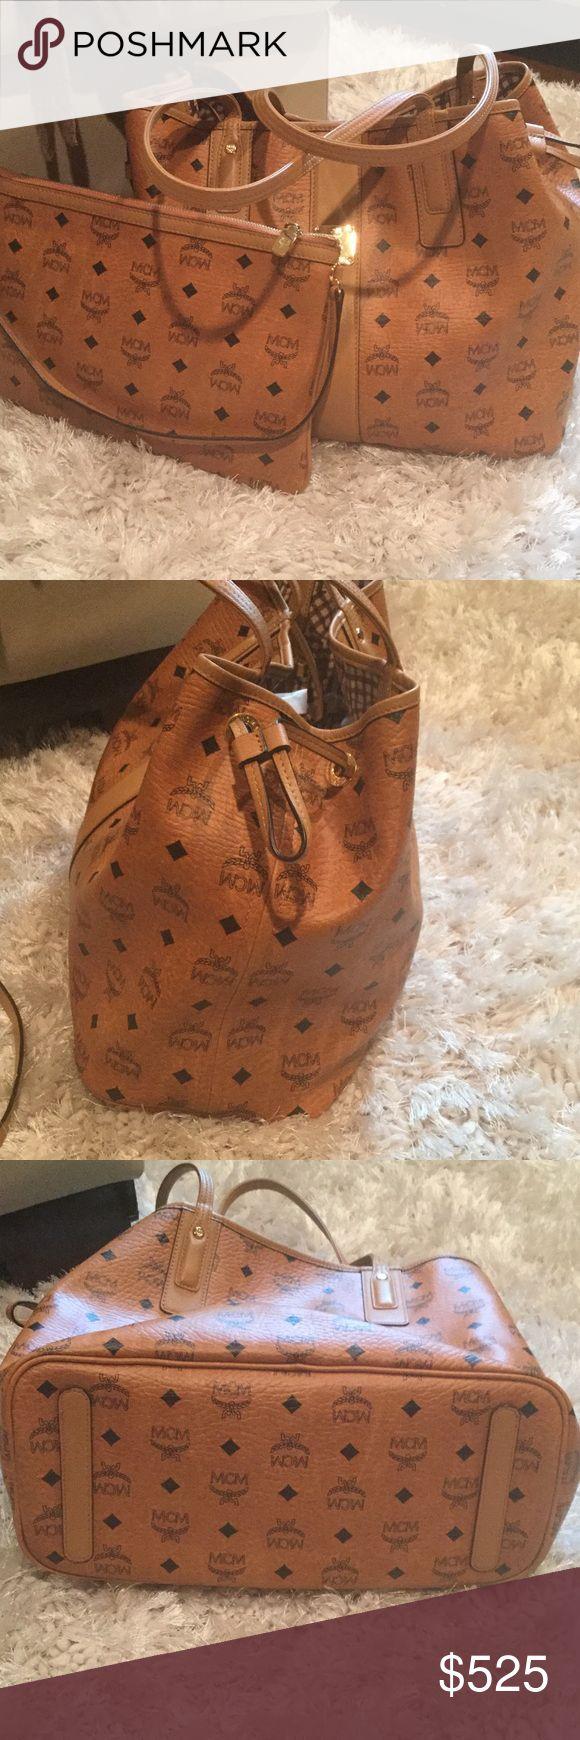 """MCM Shopper MCM Medium Liz Shopper. Color: Cognac. Reversible. Includes MCM Dust bag. Excellent condition. Includes zip pouch with shoulder strap.  Measurements: 9"""" Drop- 12""""H x 13""""W x 6""""D Pouch: 8""""H x 11"""" W ❌❌No Trades MCM Bags Totes"""